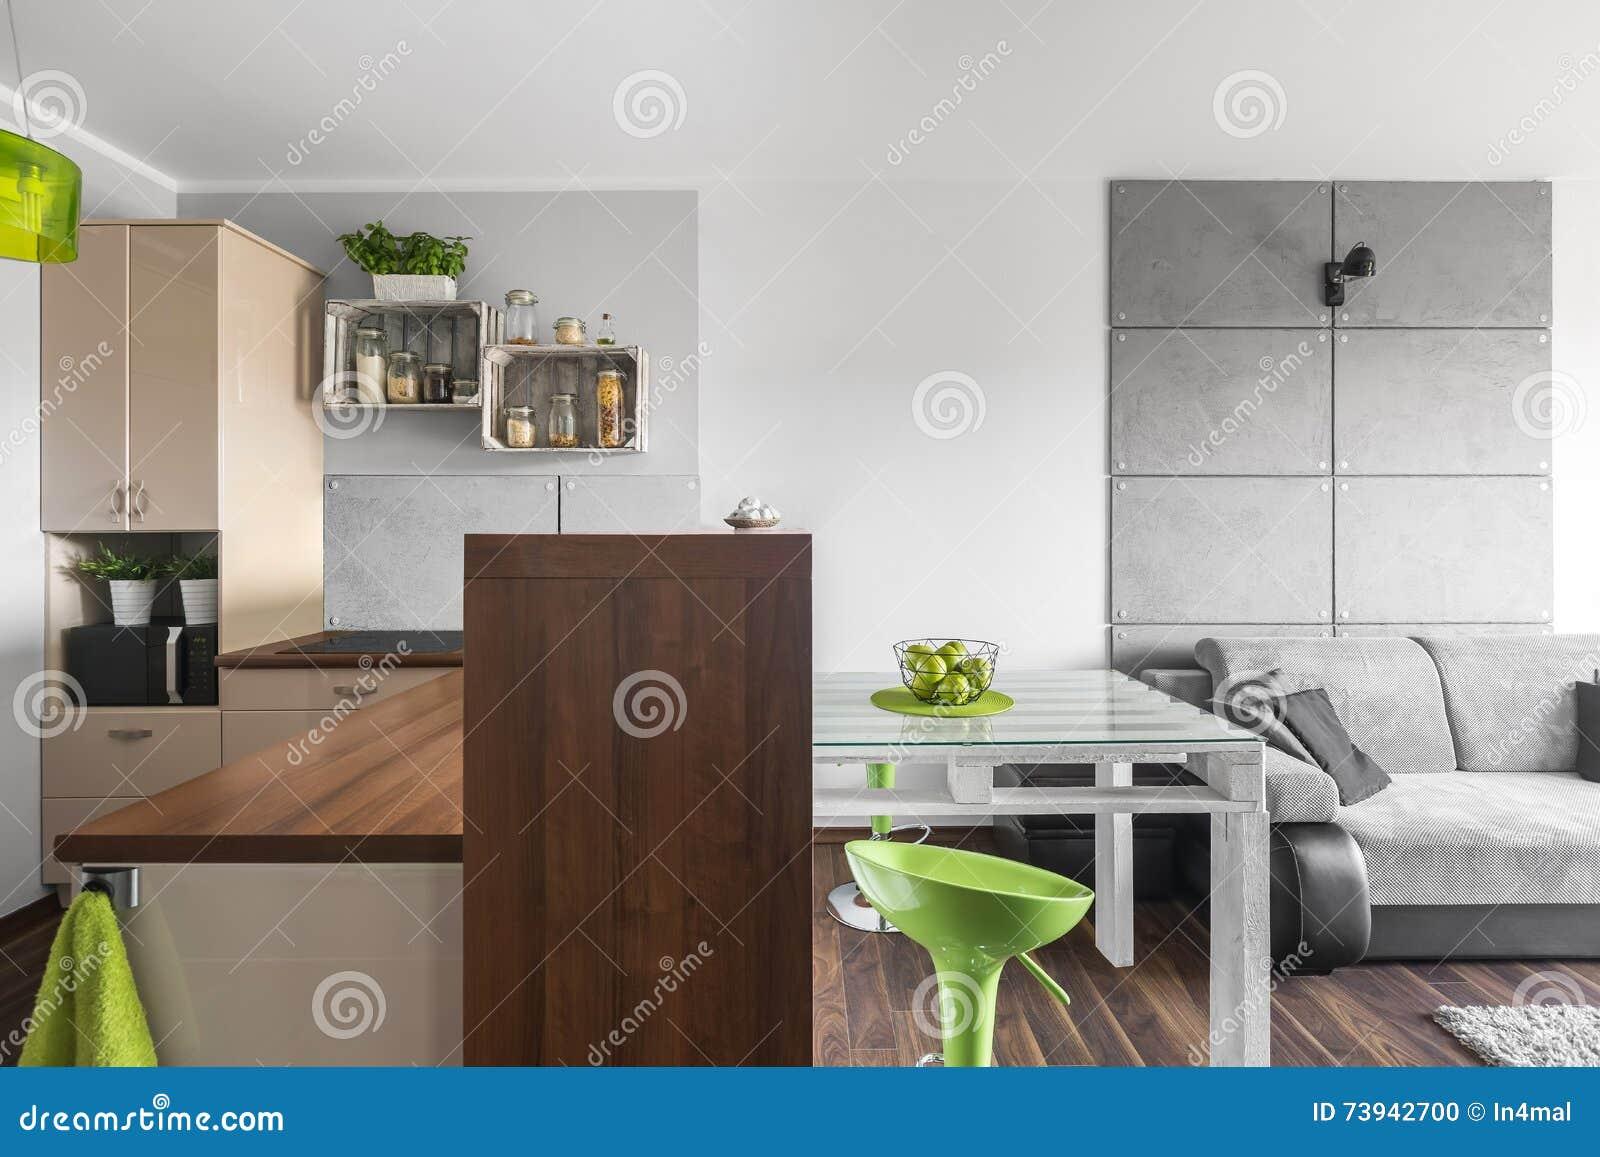 Neue Küche Und Wohnzimmer Kombiniert Stockfoto - Bild von klein ...